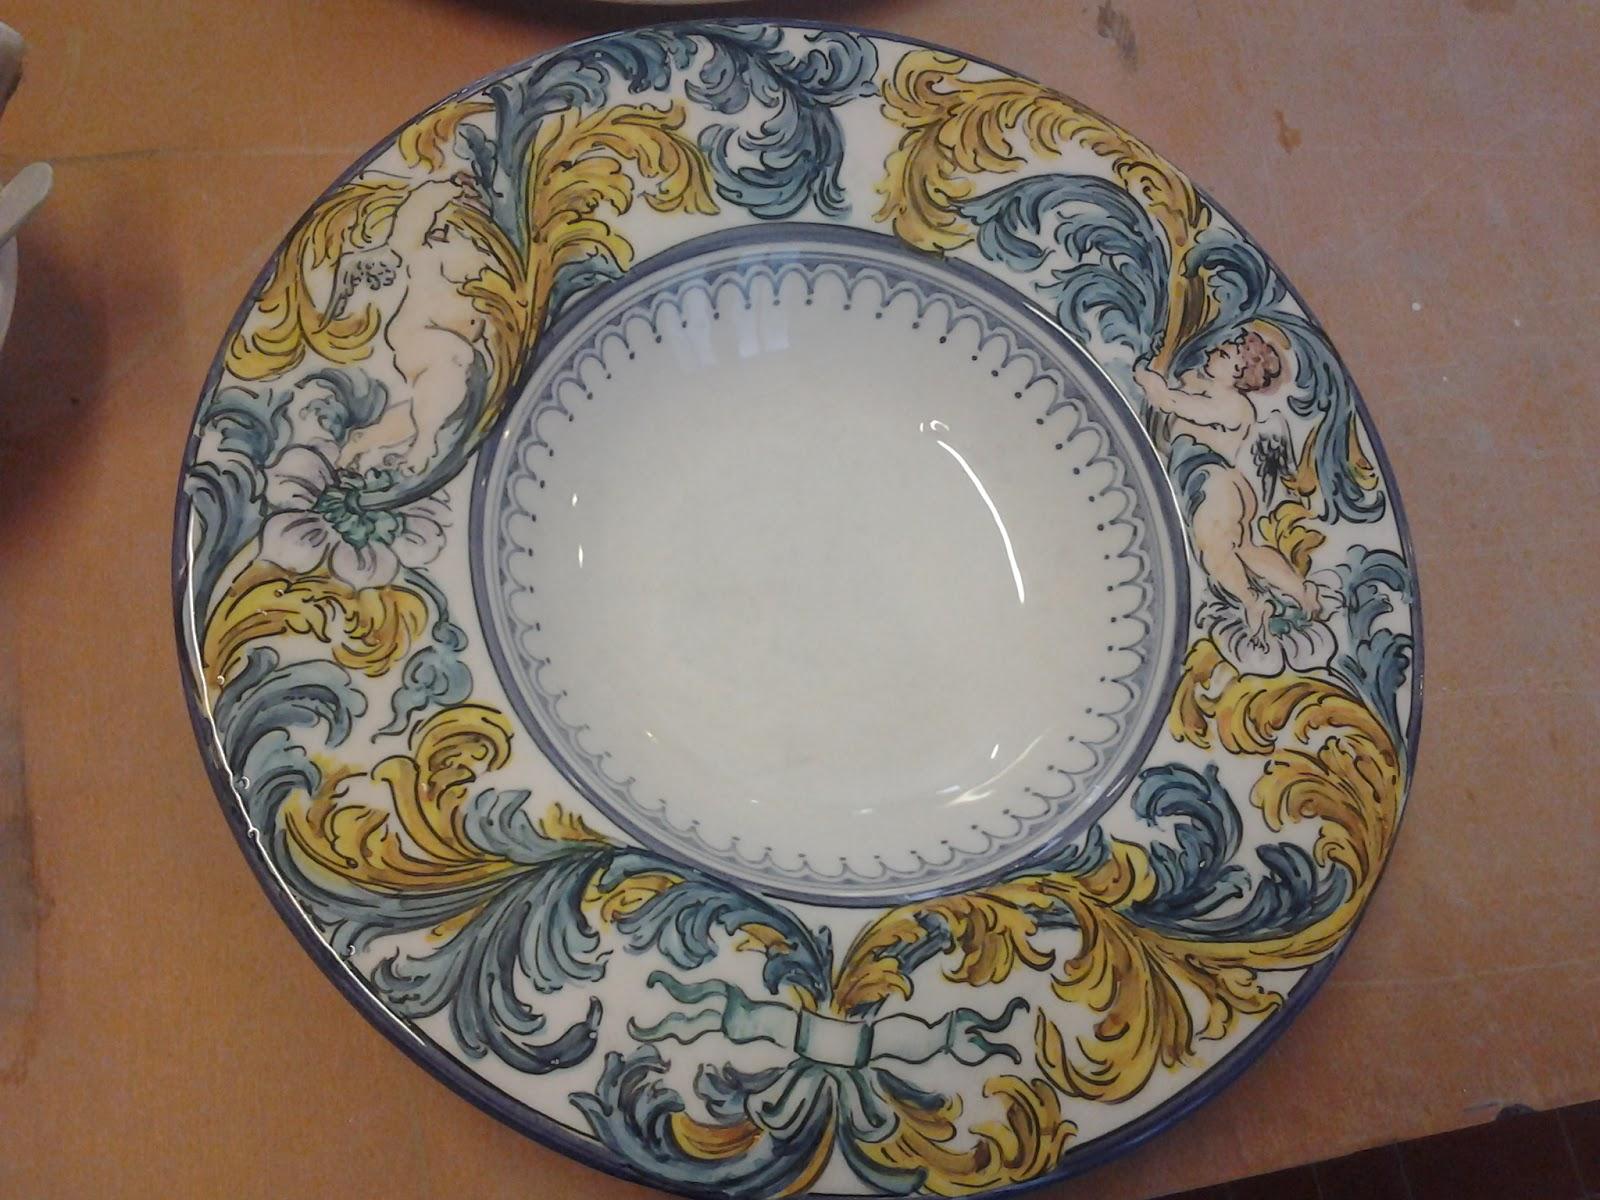 Officina laboratorio ceramica decorazione for Decorazione ceramica